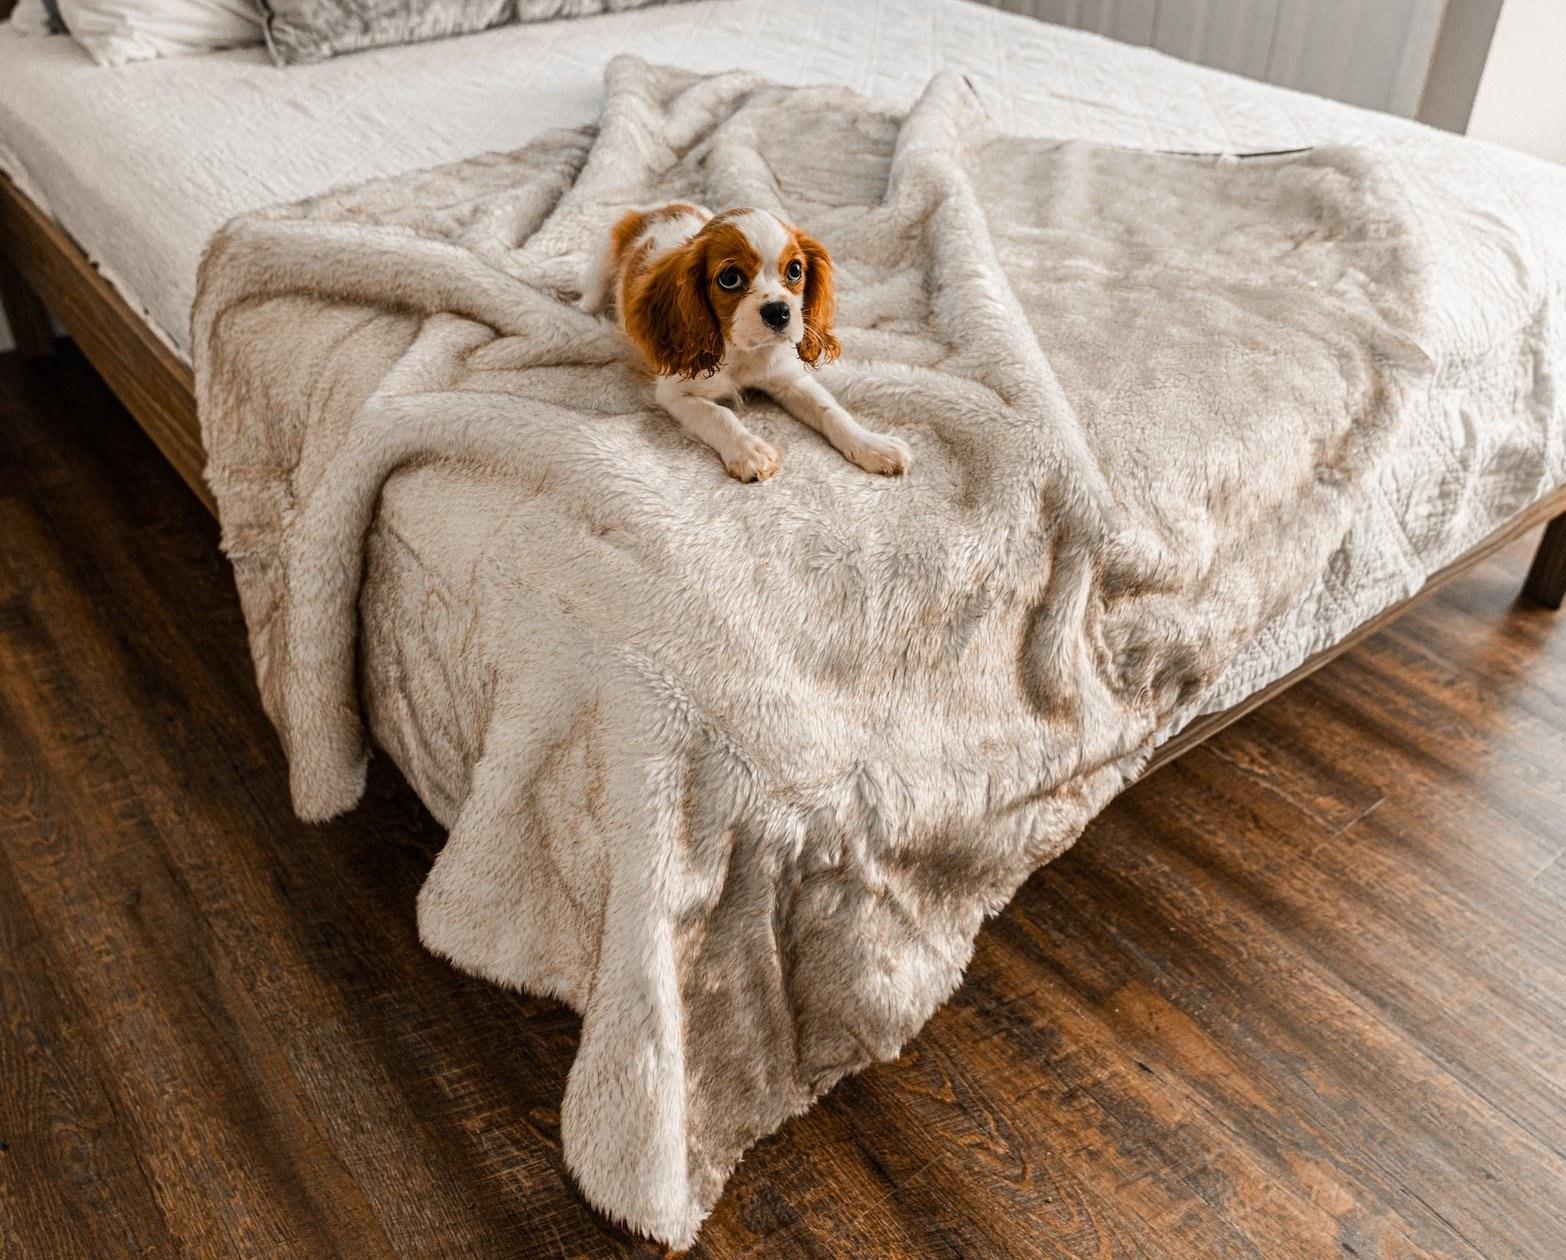 Dog sitting on the fuzzy blanket